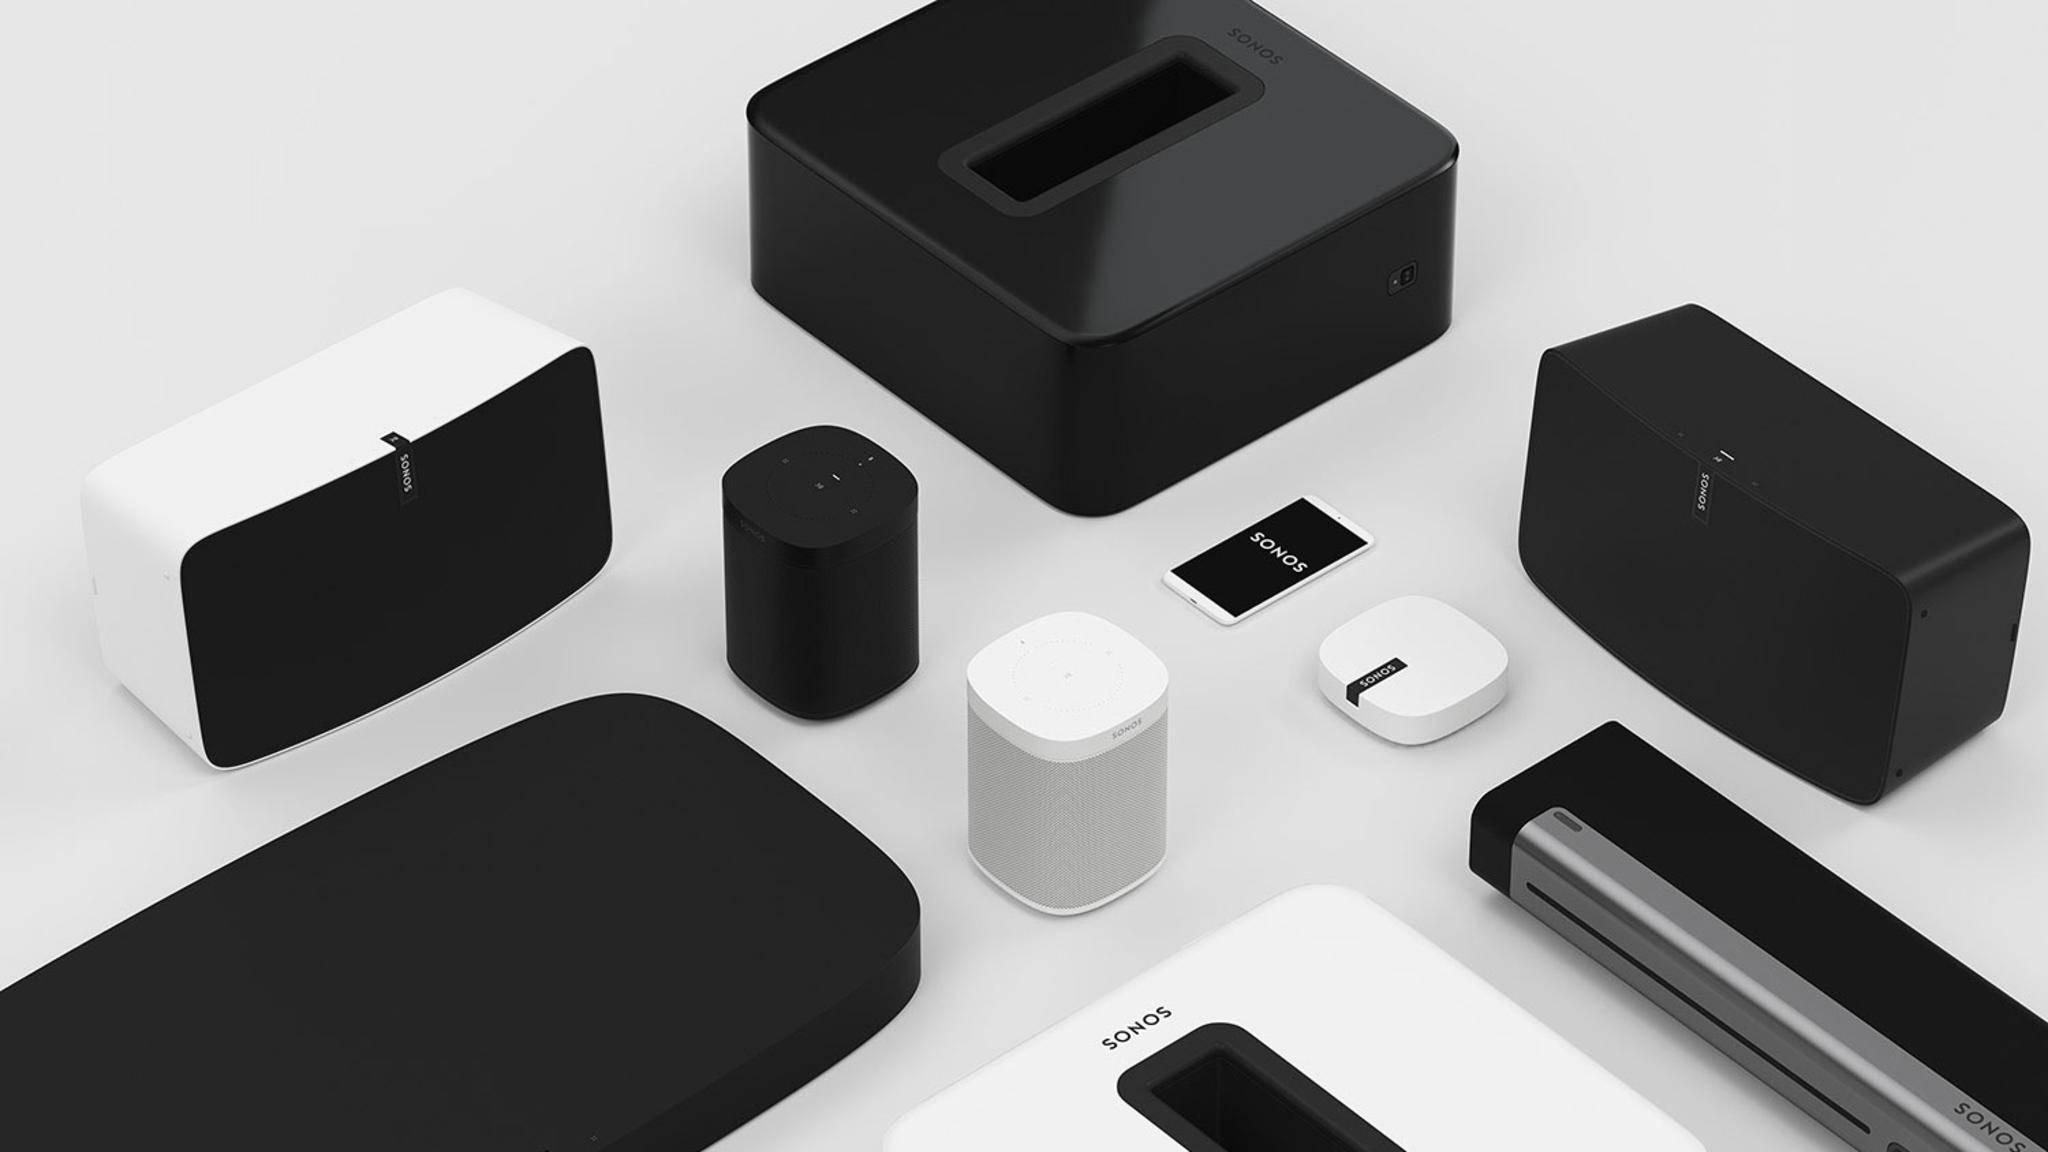 Sonos deckt mit seinem Lautsprecher-Portfolio die unterschiedlichsten Bedürfnisse ab.